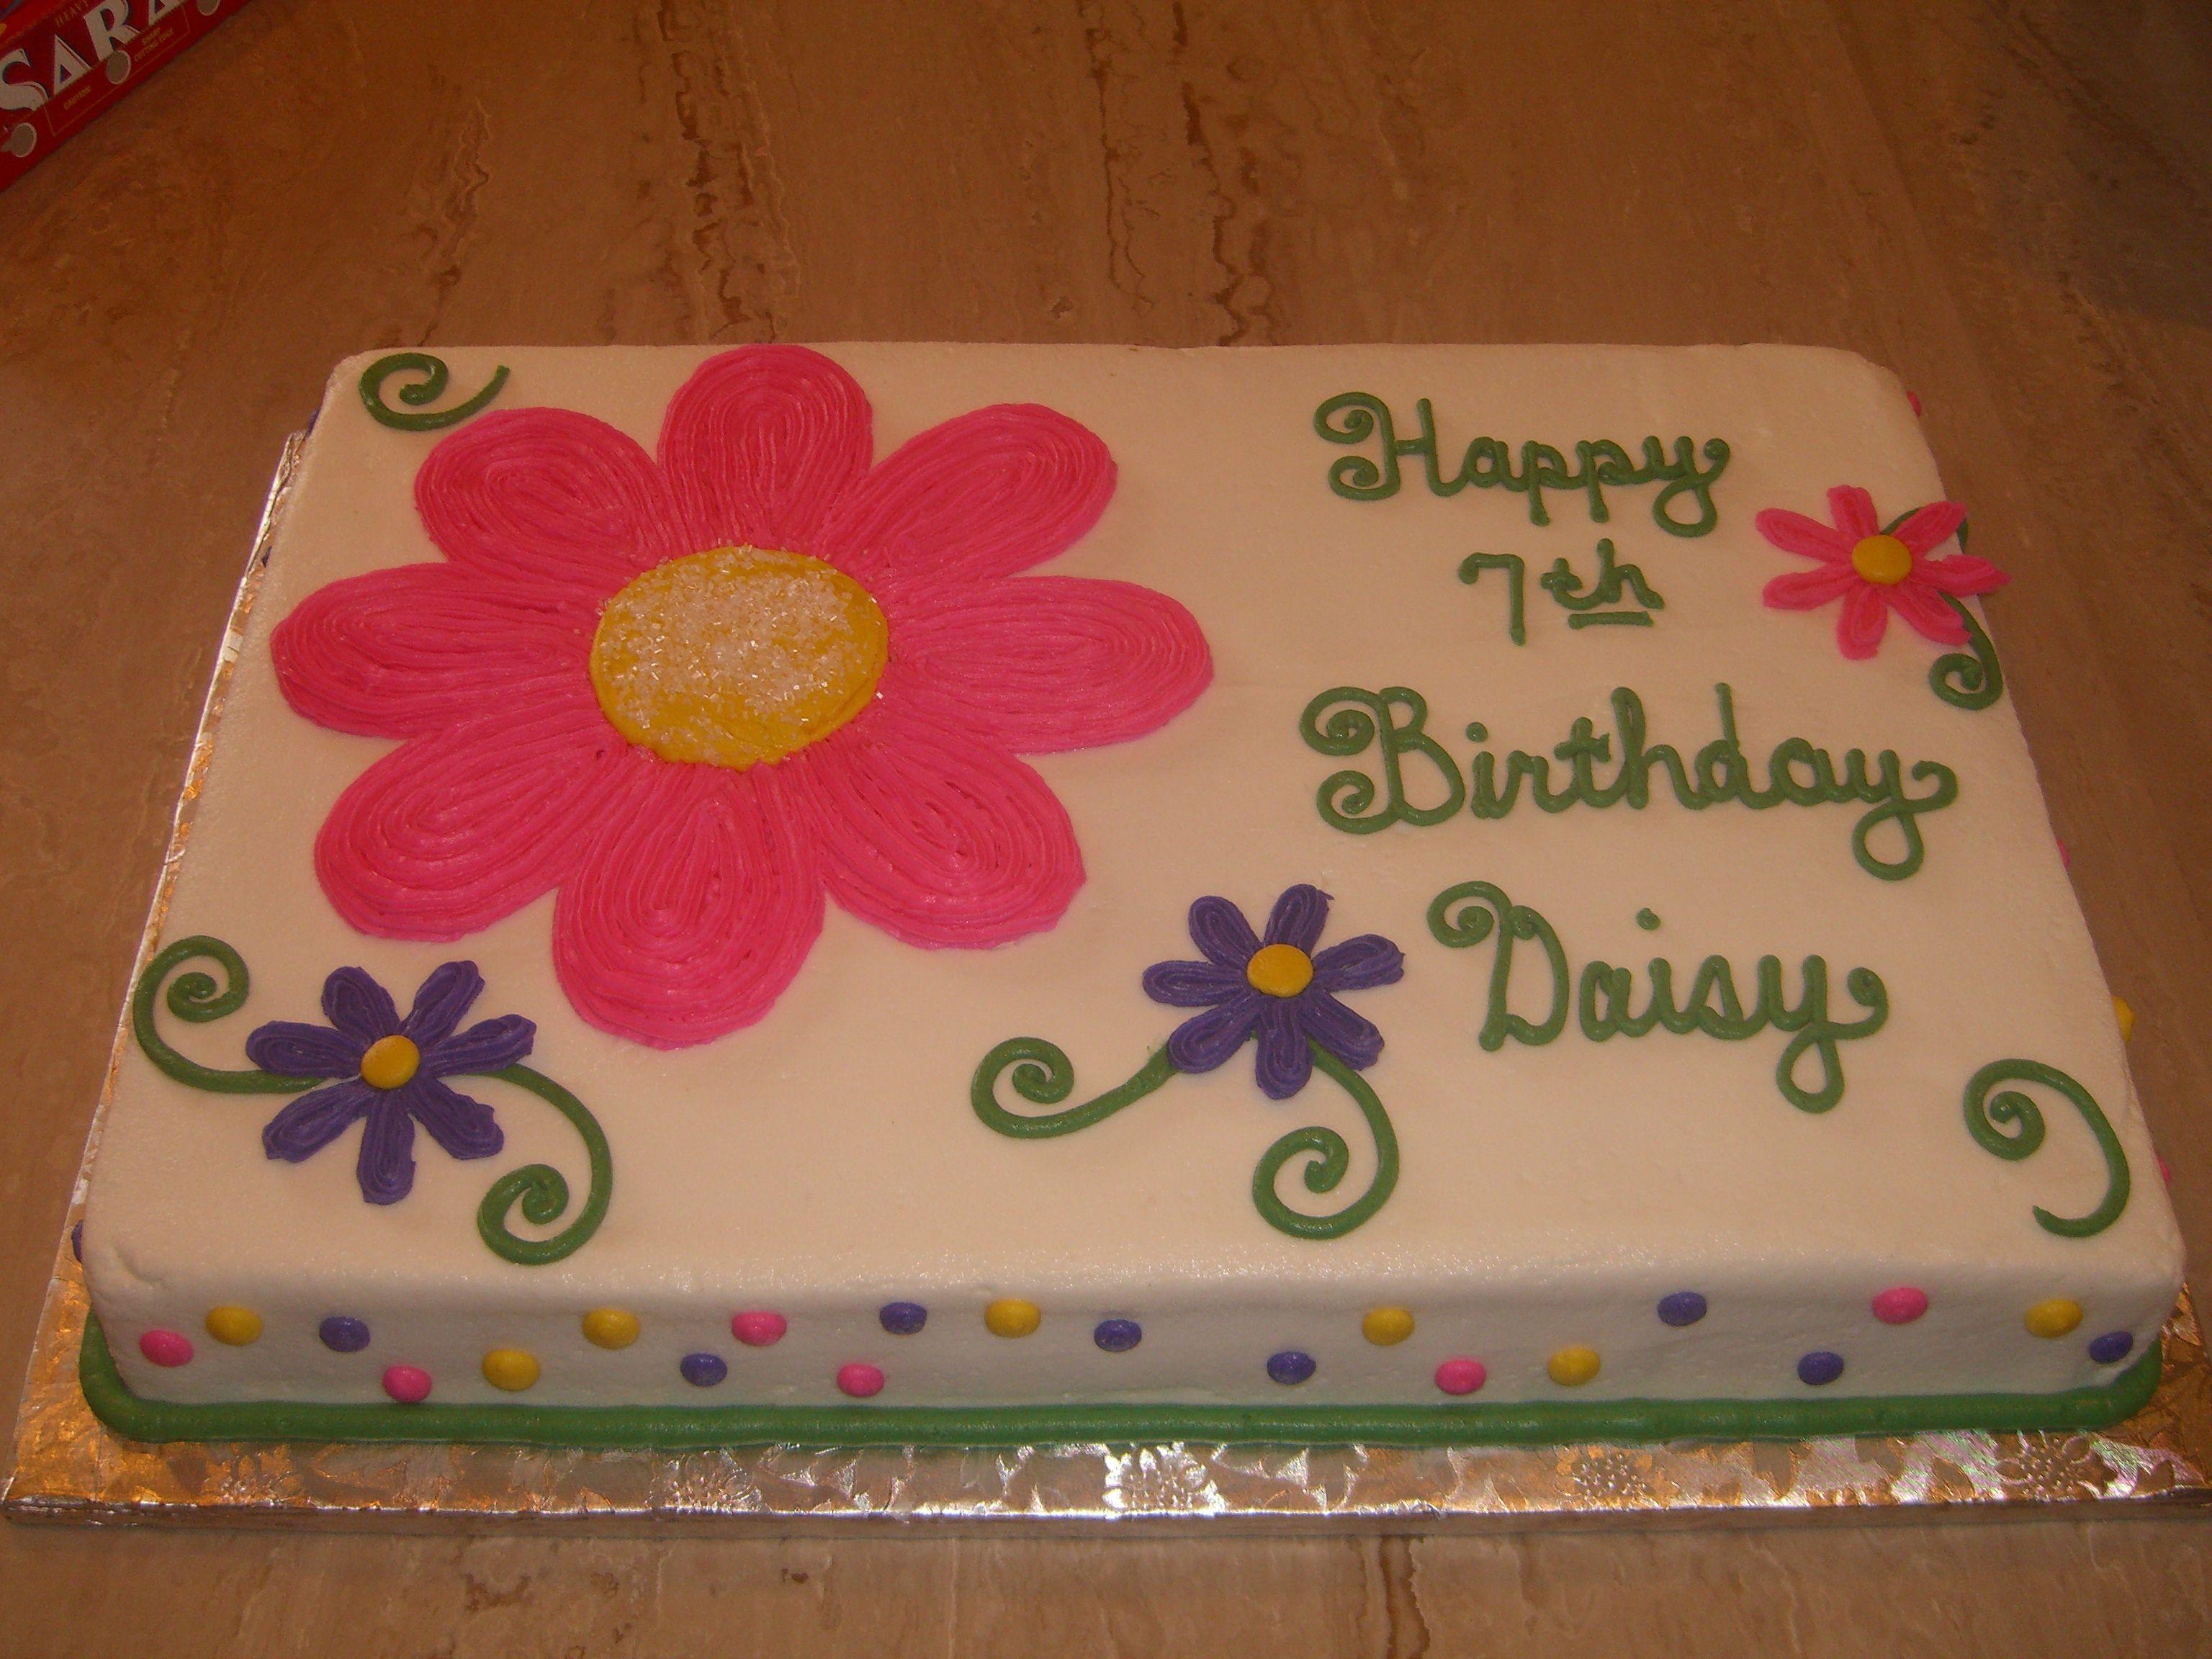 Sheet Cake Birthday Decorating Ideas : Daisy birthday sheet cake. Cake ideas, just like granny ...